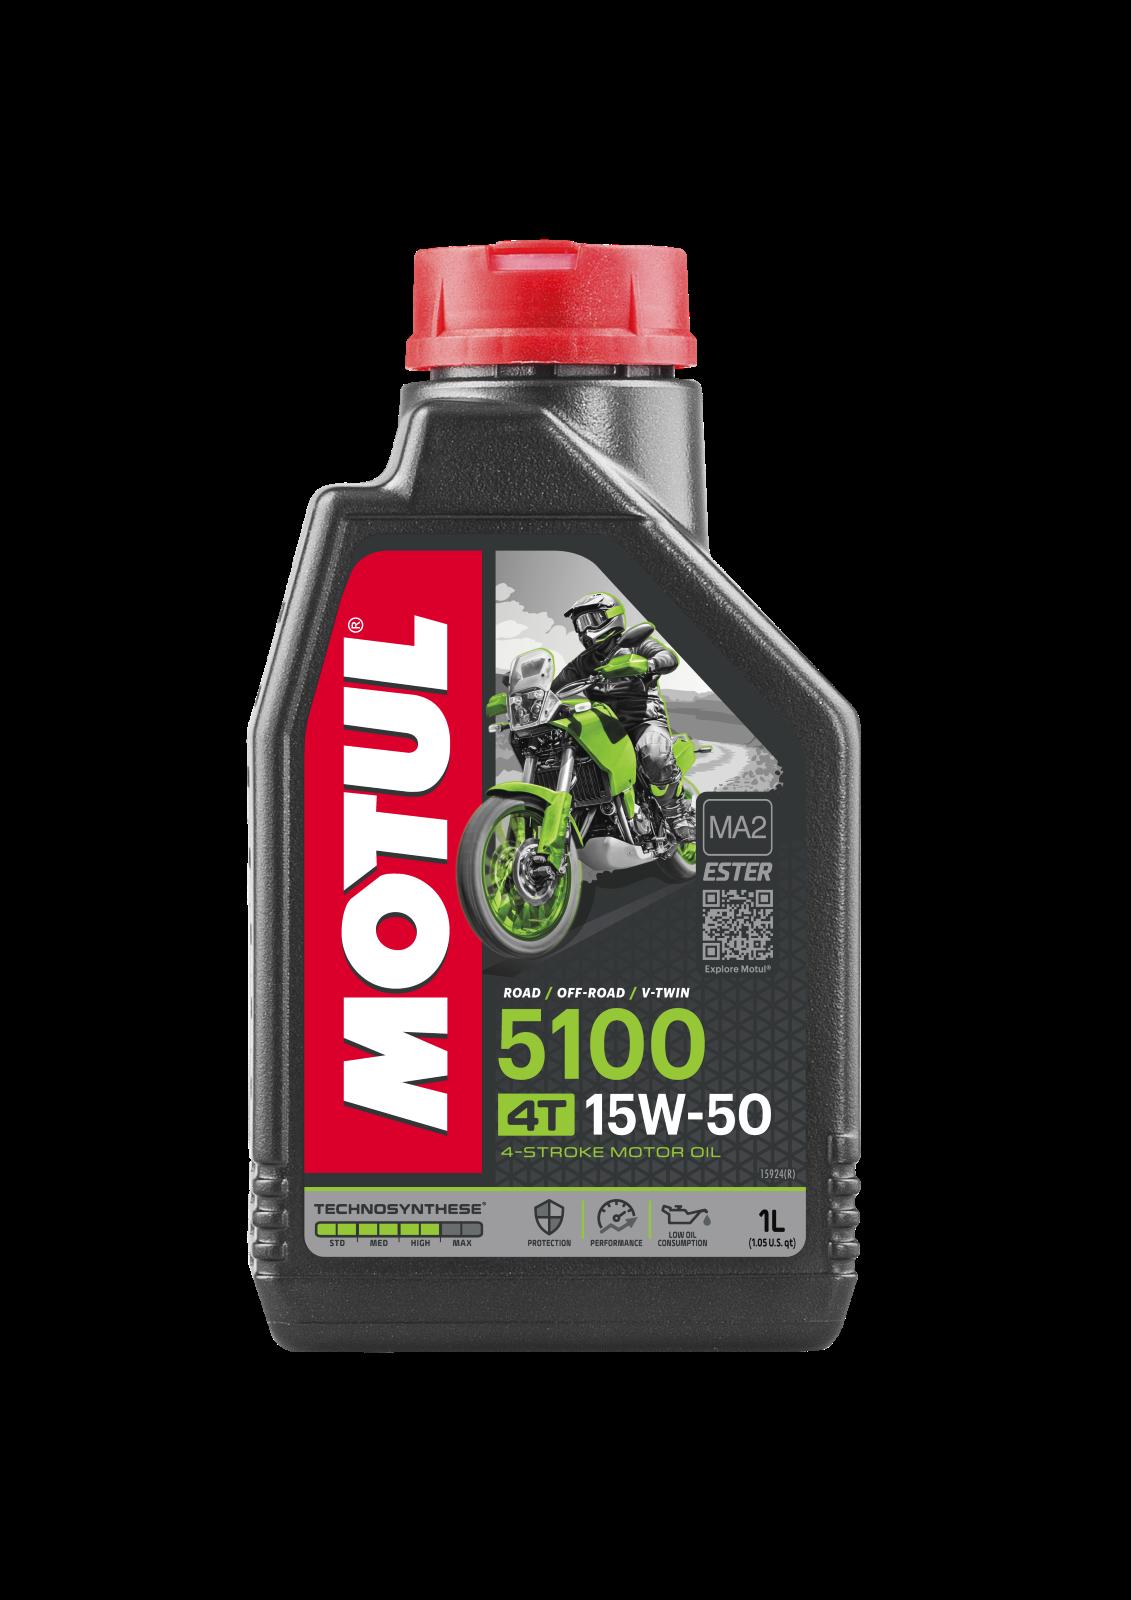 MOTUL AG MOTUL 5100 4T 15W-50 1L